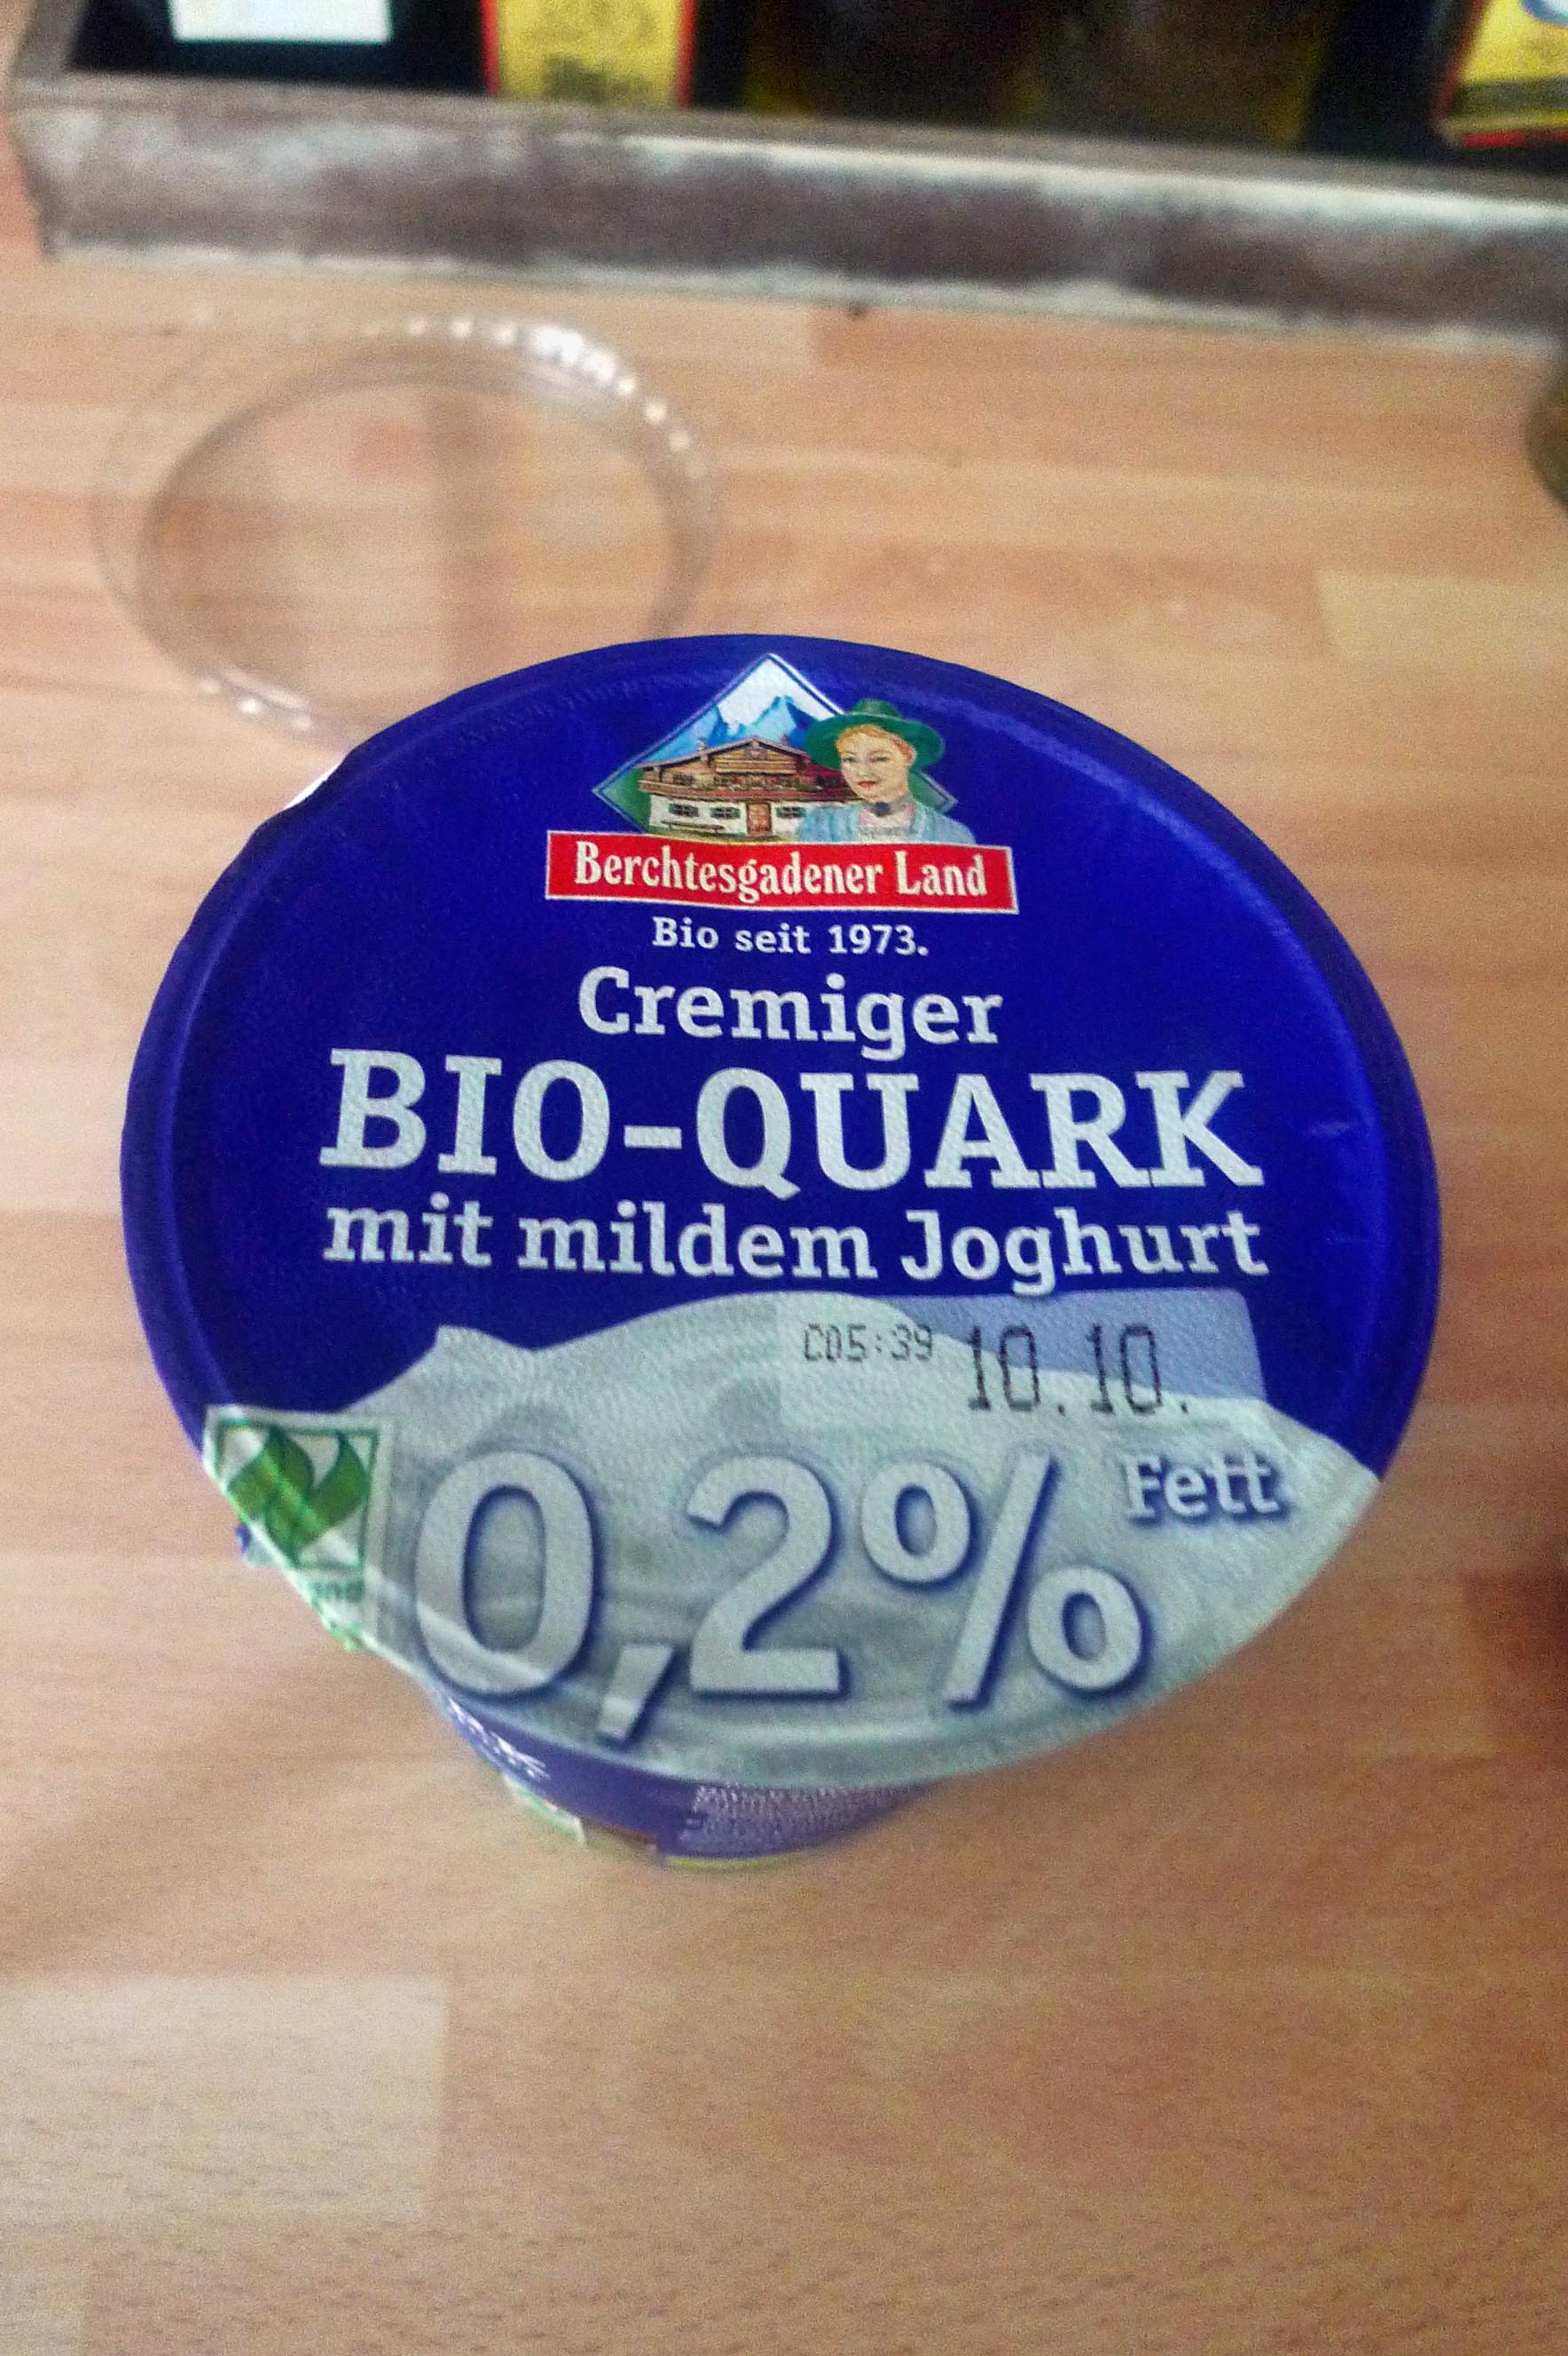 Quark-Salate-Kartoffel- 27.9.14   (1)